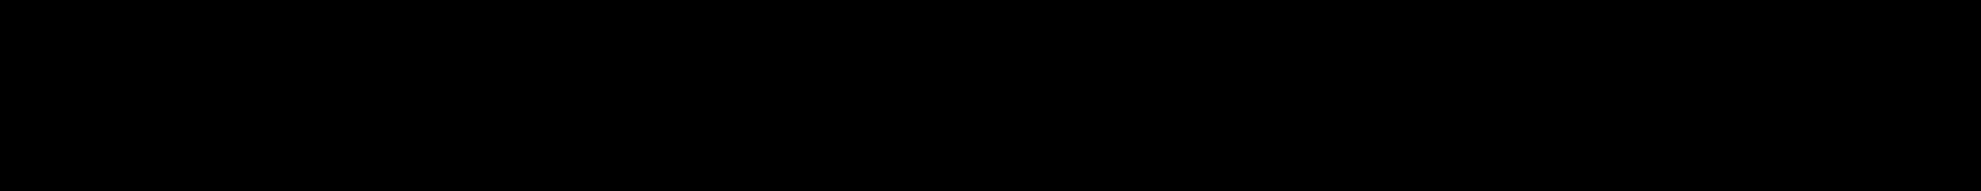 Design System D 900I